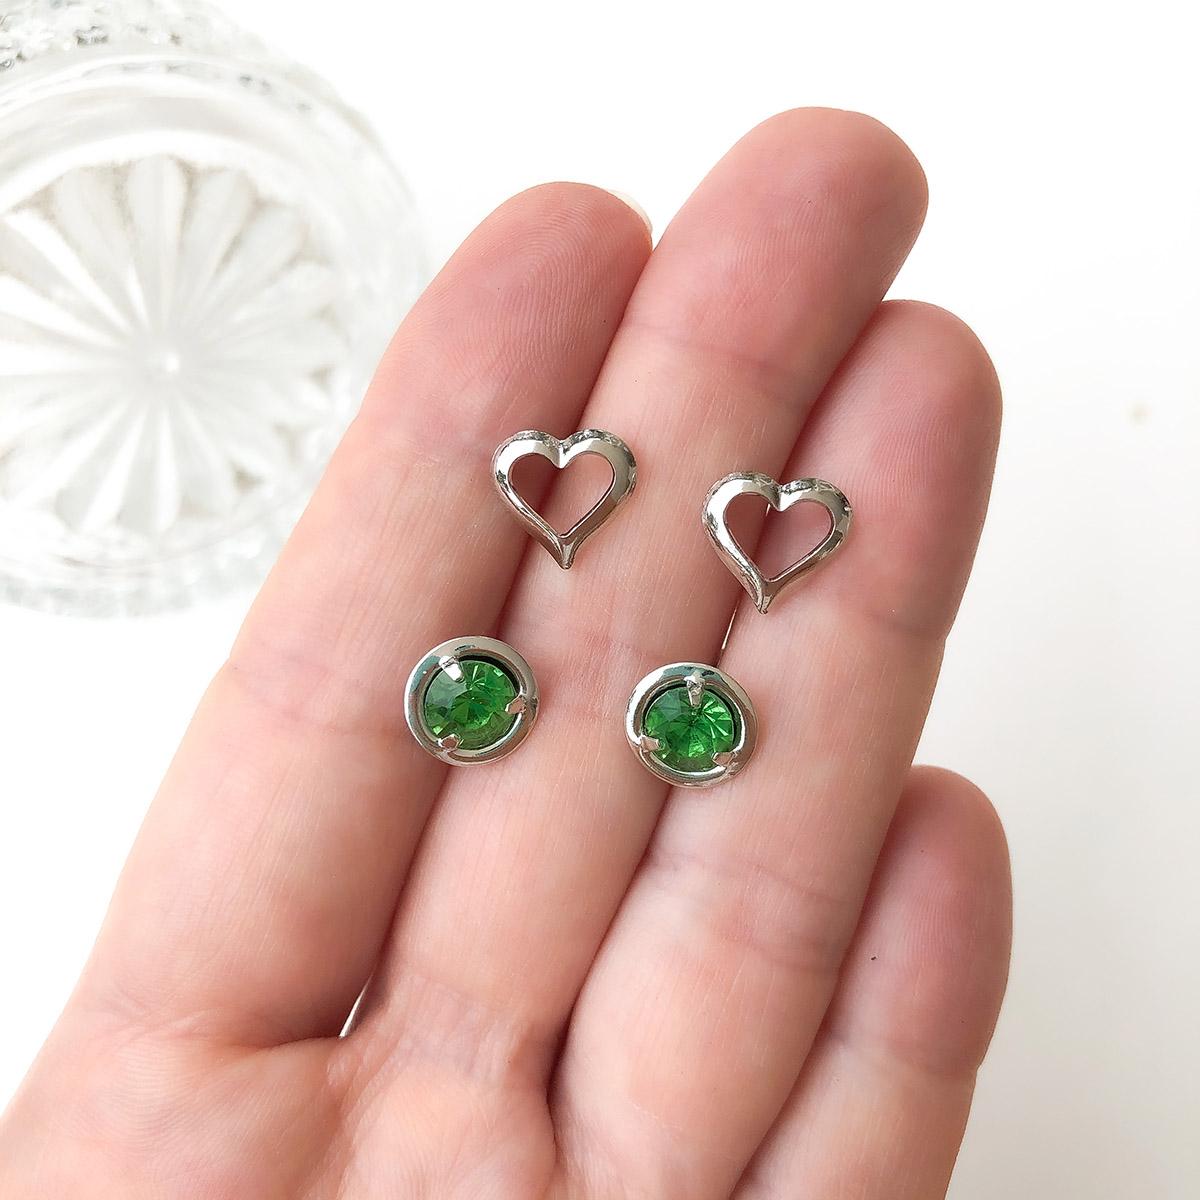 Kit Brinco 2 Pçs Folheado a Ródio Coração e Ponto de Luz Verde